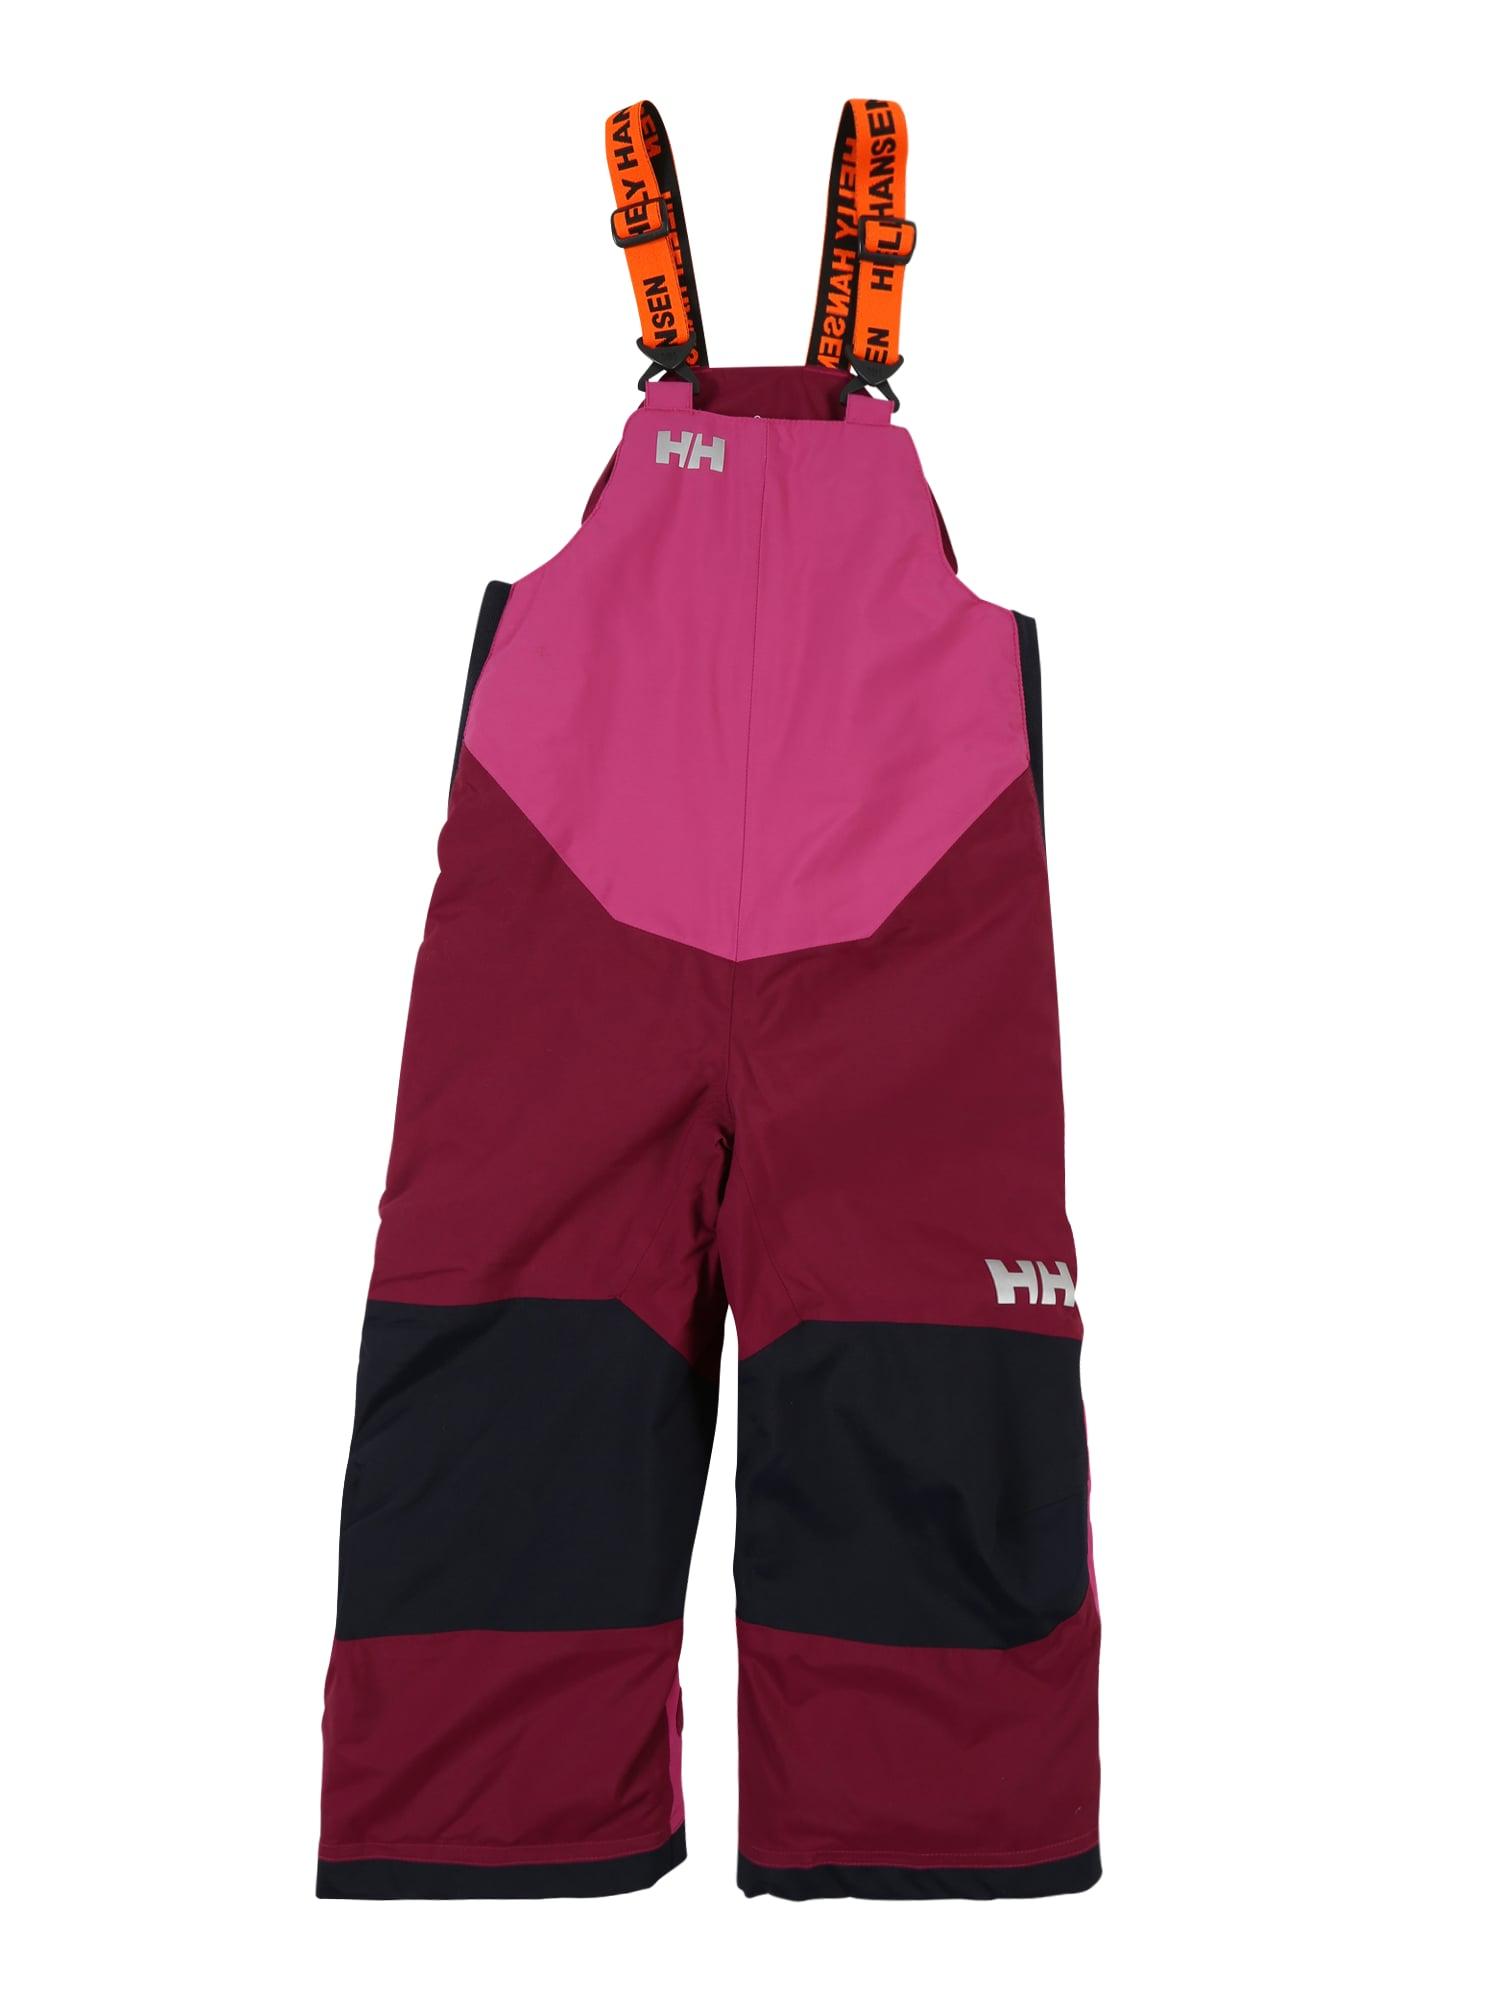 HELLY HANSEN Sportinės kelnės 'RIDER 2' purpurinė / vyno raudona spalva / tamsiai mėlyna jūros spalva / pilka